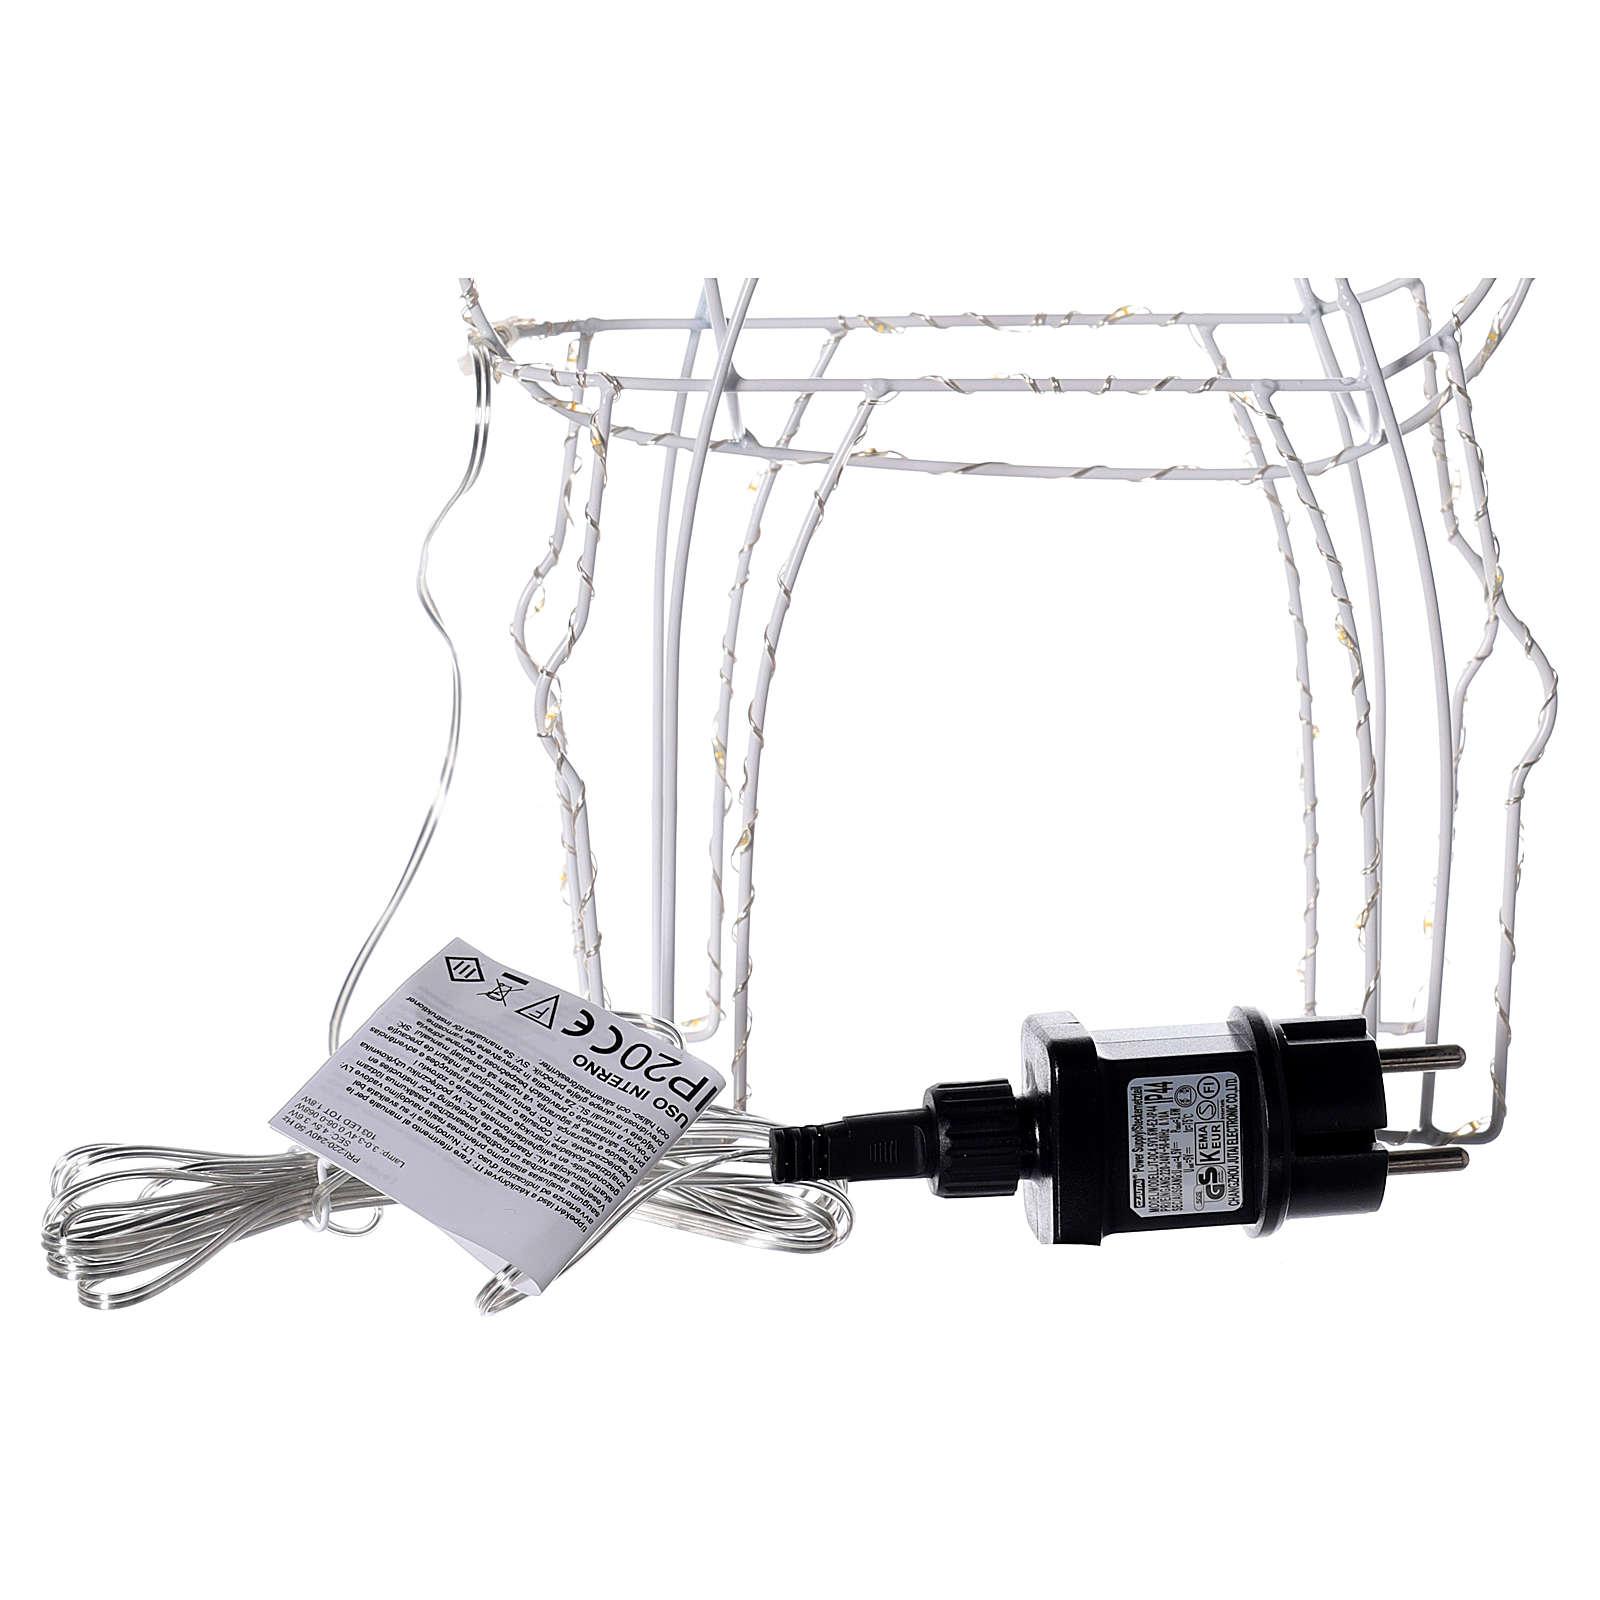 Renna luminosa 45 cm bianco caldo corrente batteria interno 220V 3